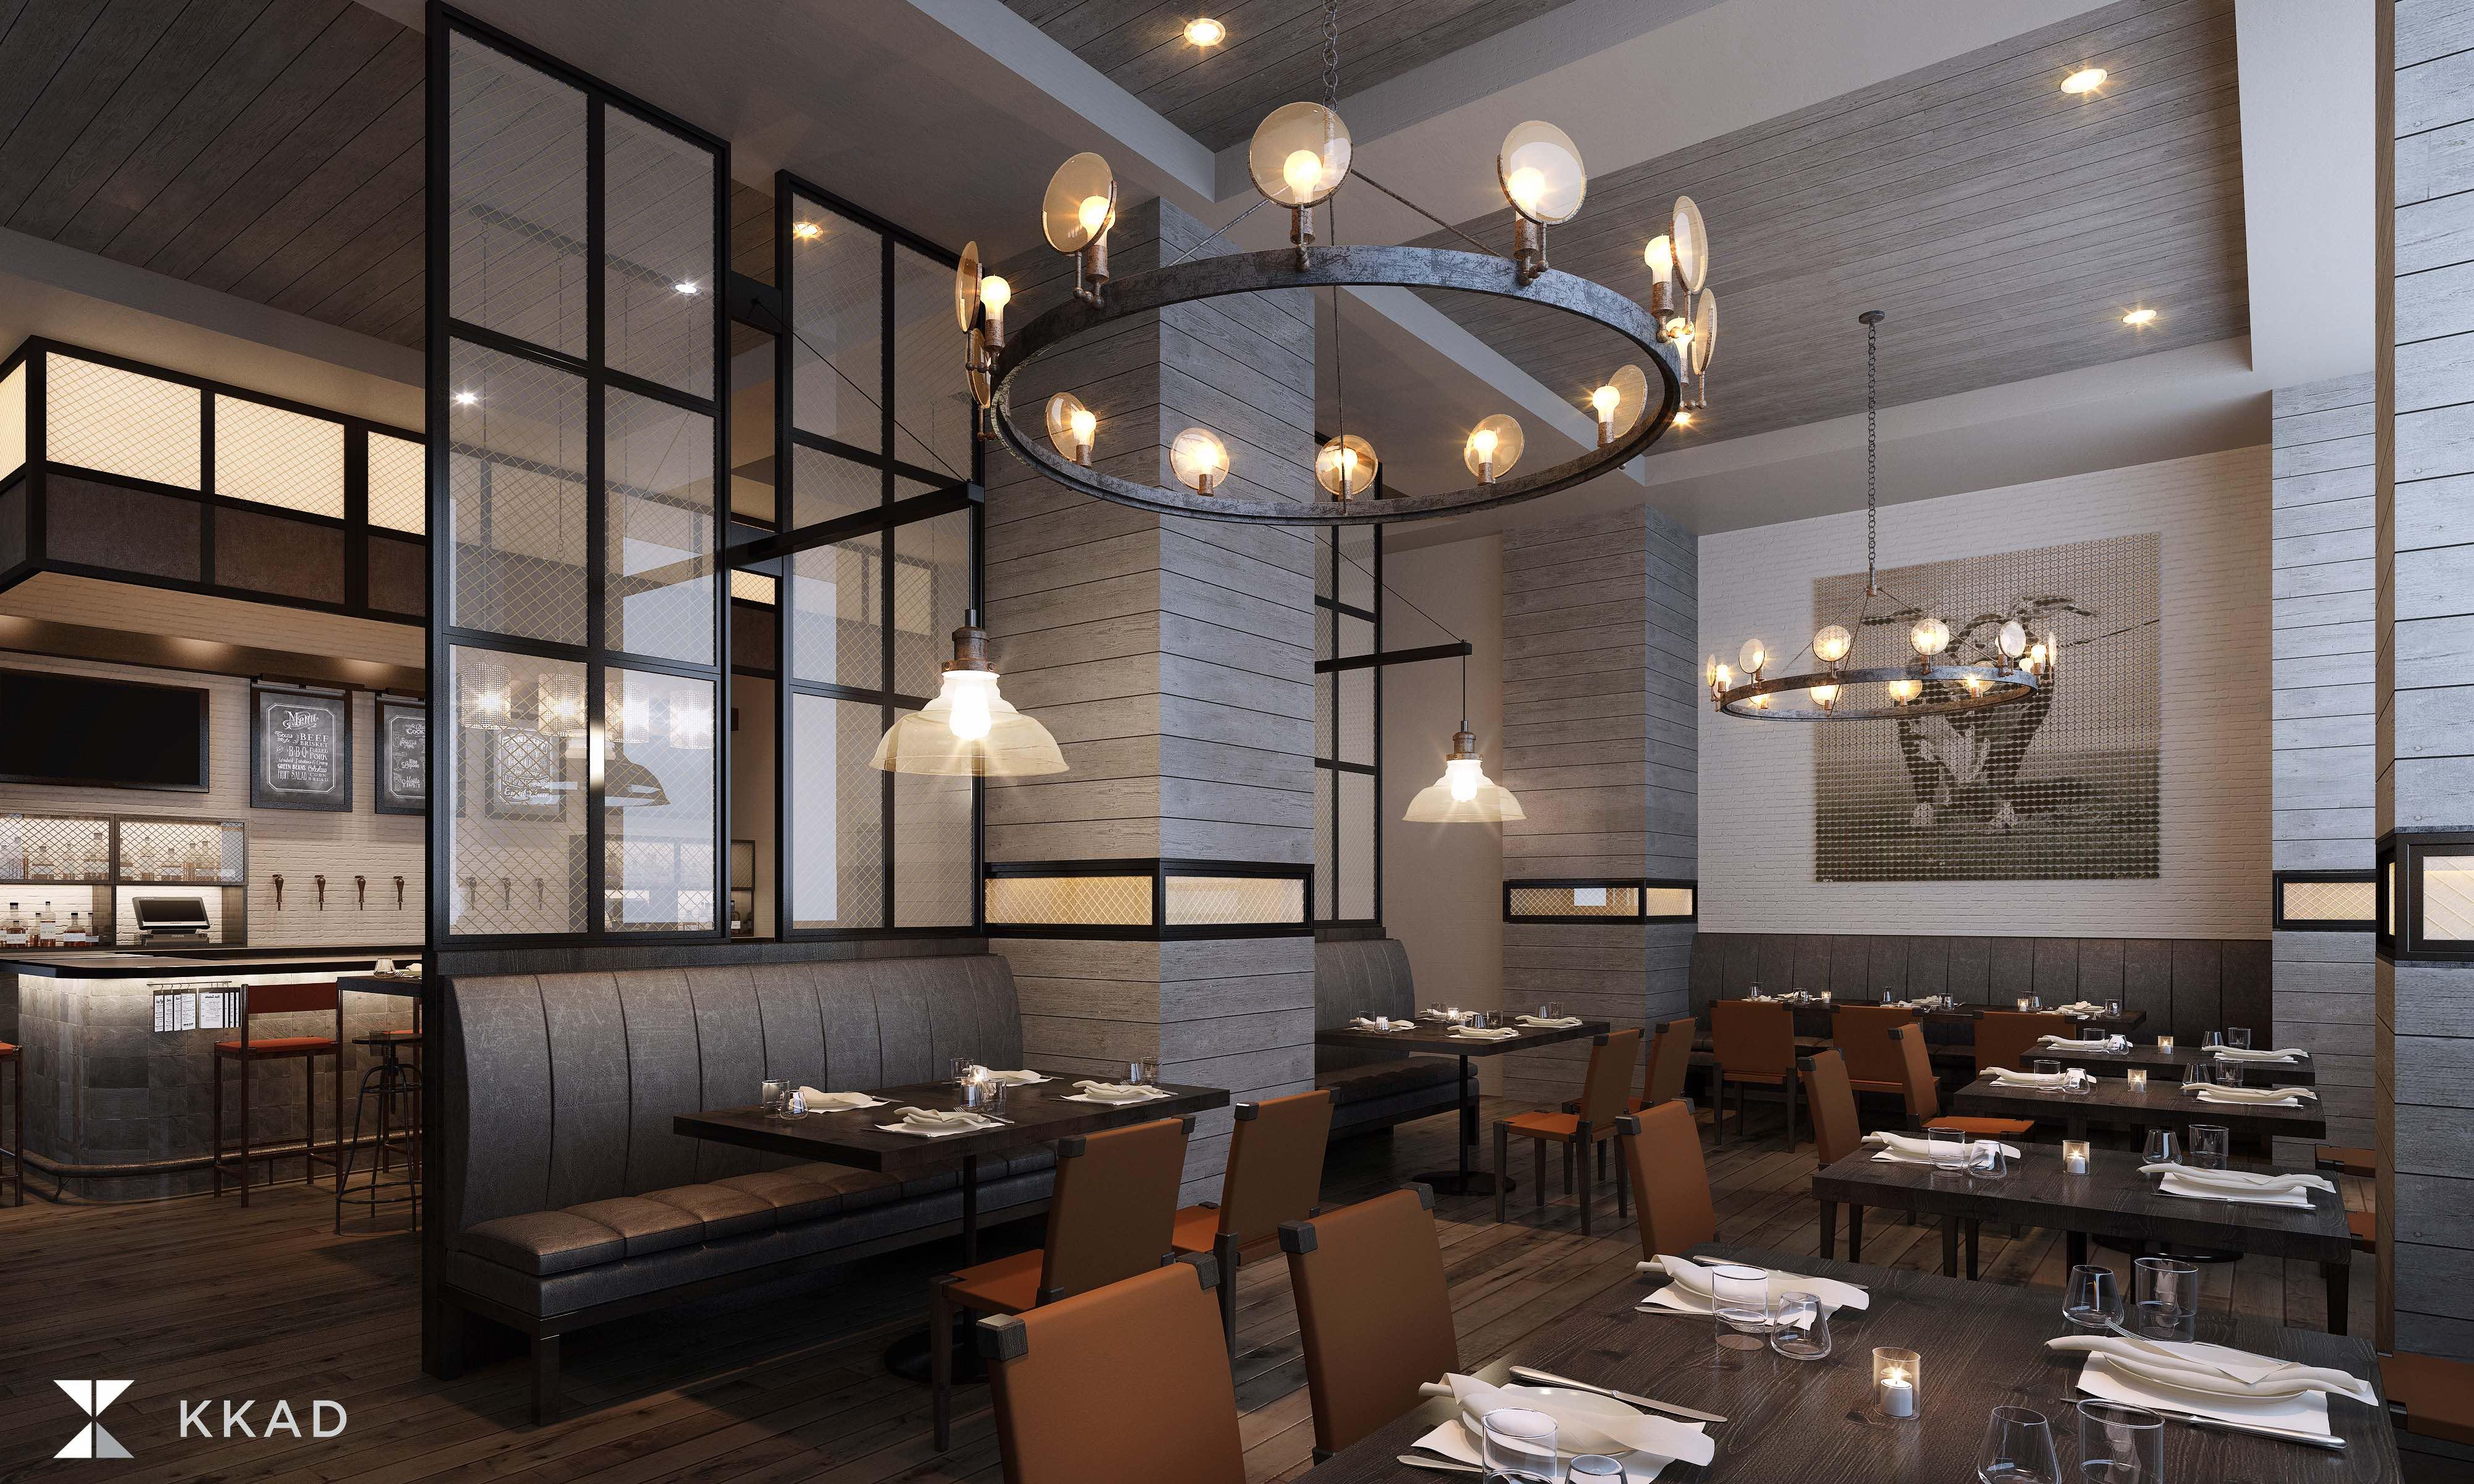 Tavernonna Italian Kitchen rendering